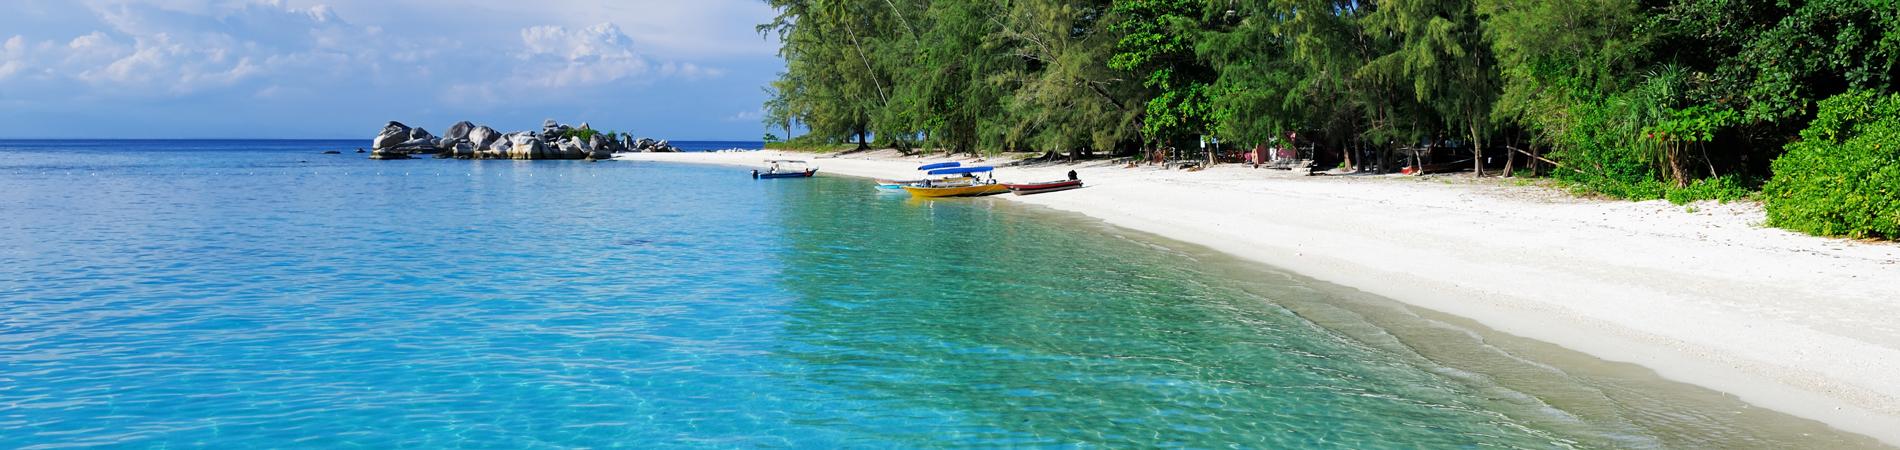 shutterstock_msa Perhentian Island beach header